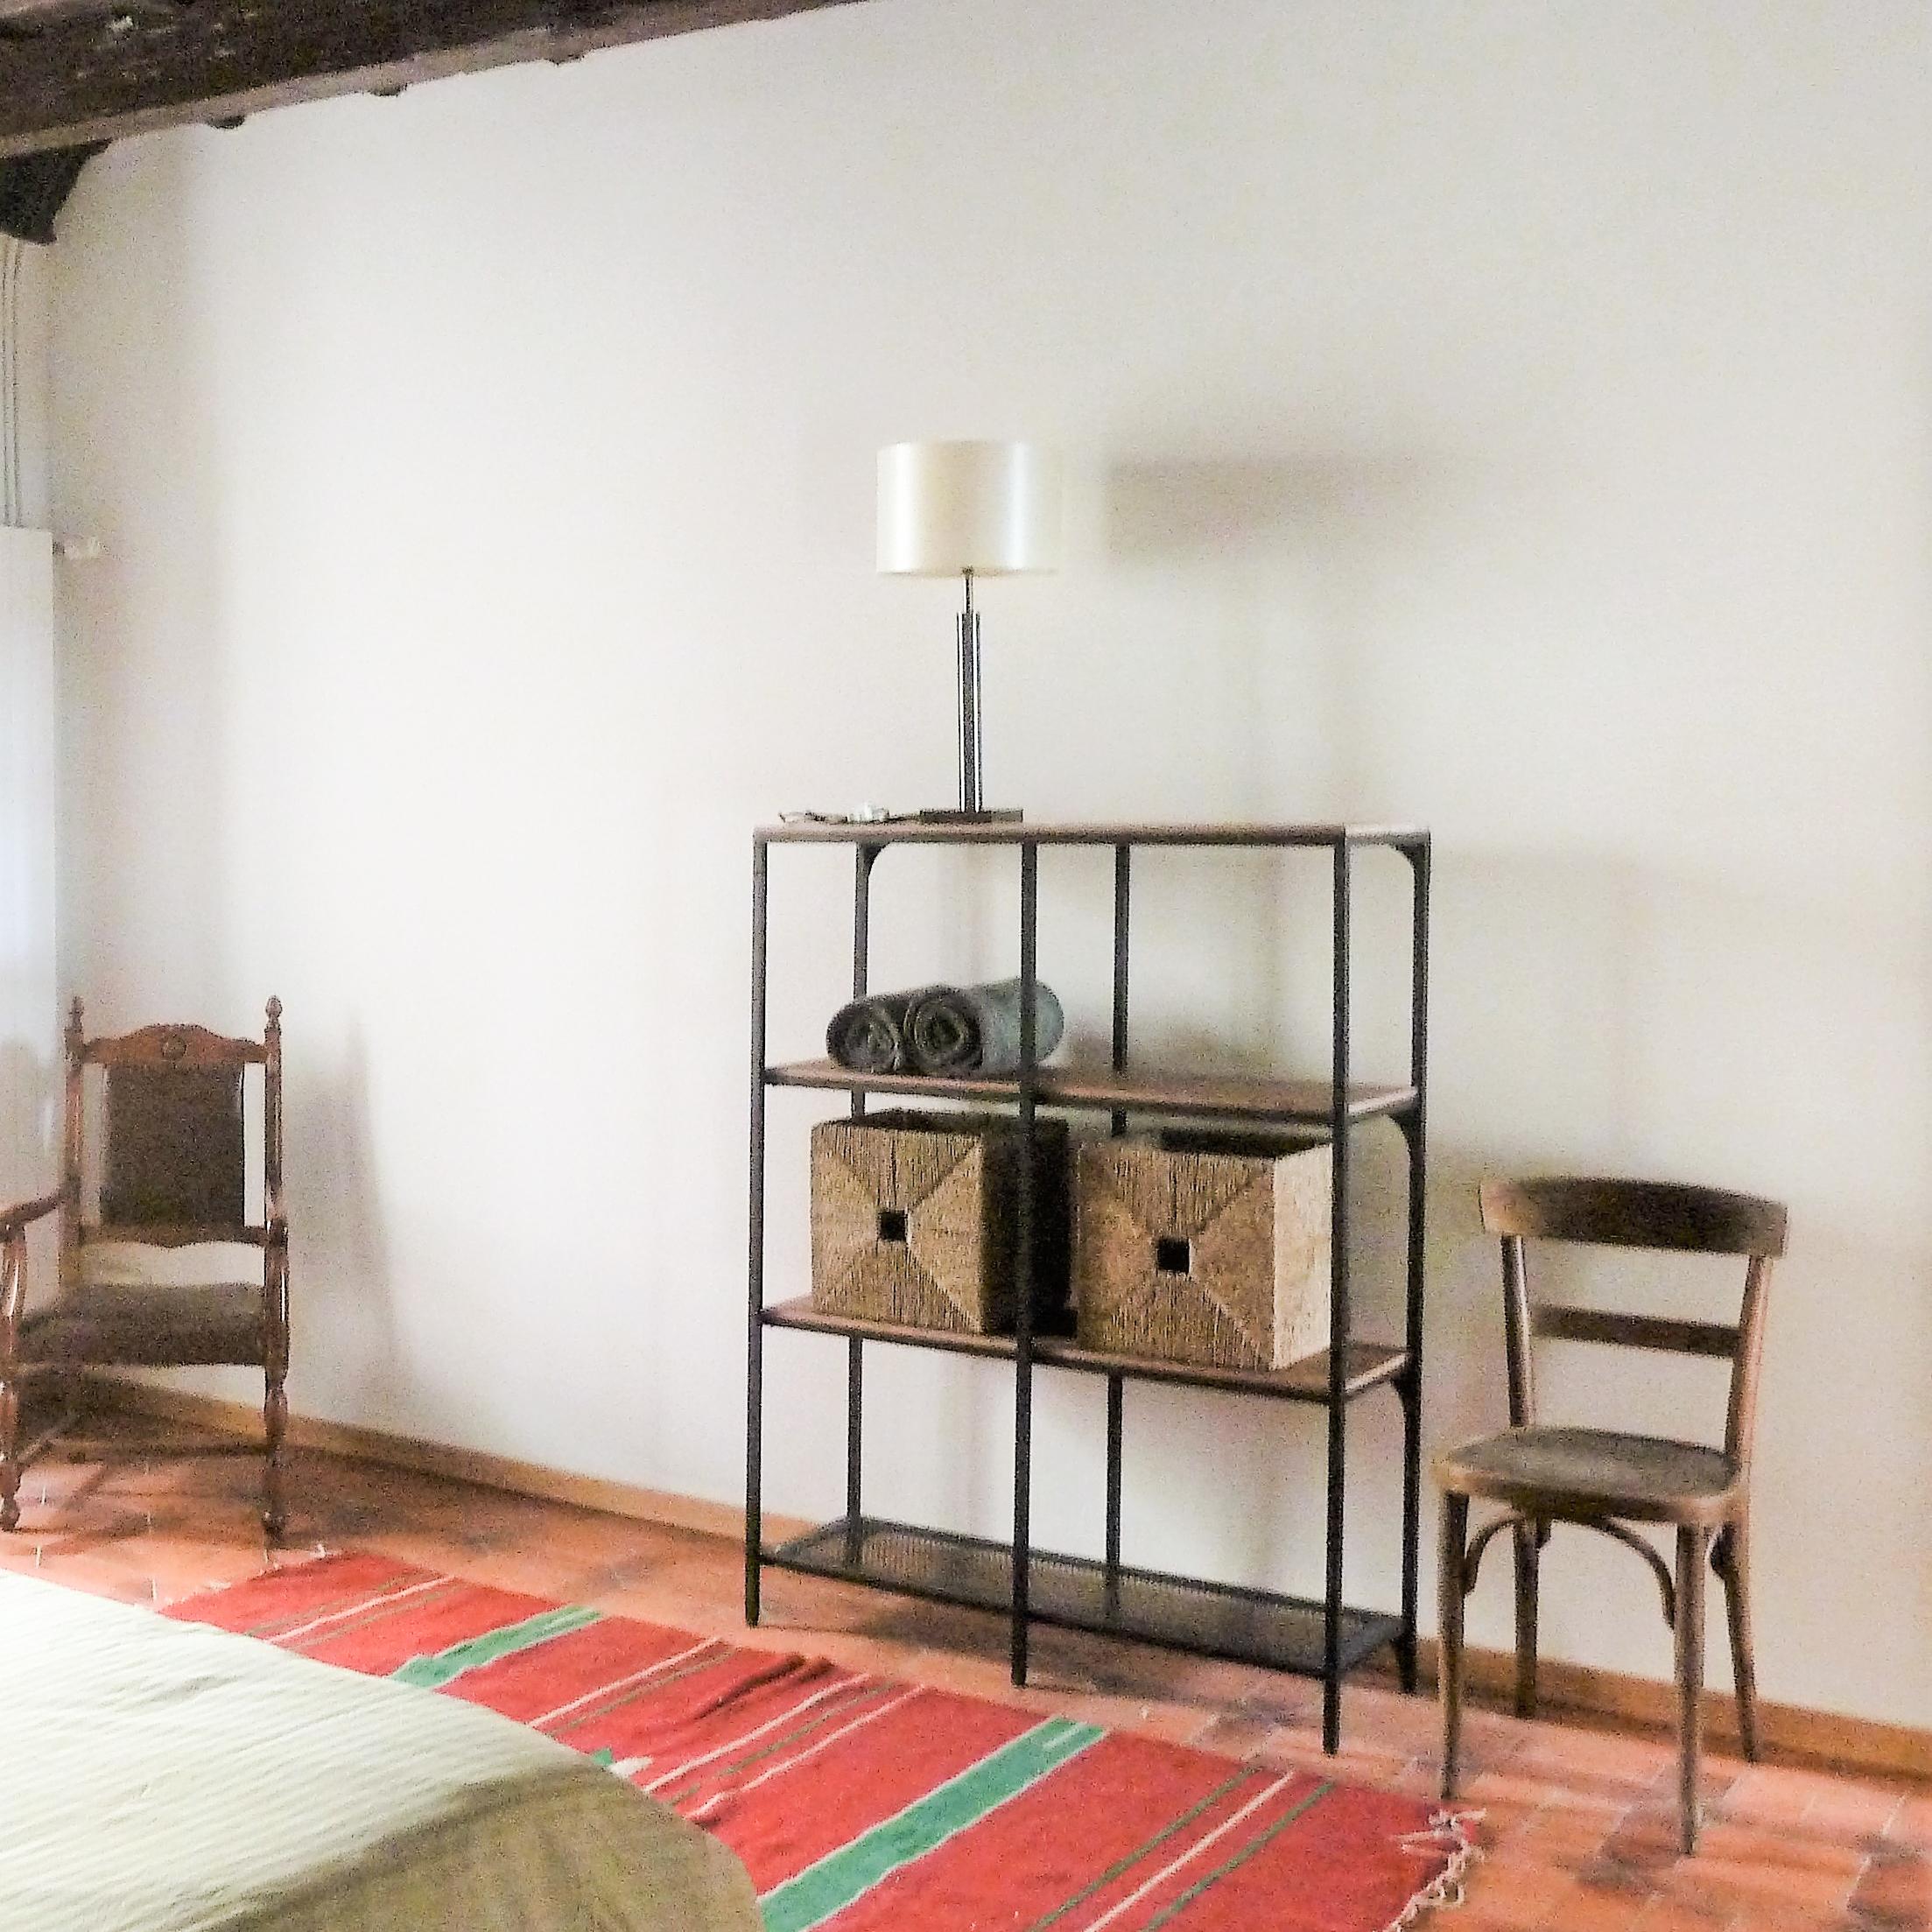 zimmer in locarno gem tliche bis luxuri se zimmer im herzen locarnos. Black Bedroom Furniture Sets. Home Design Ideas